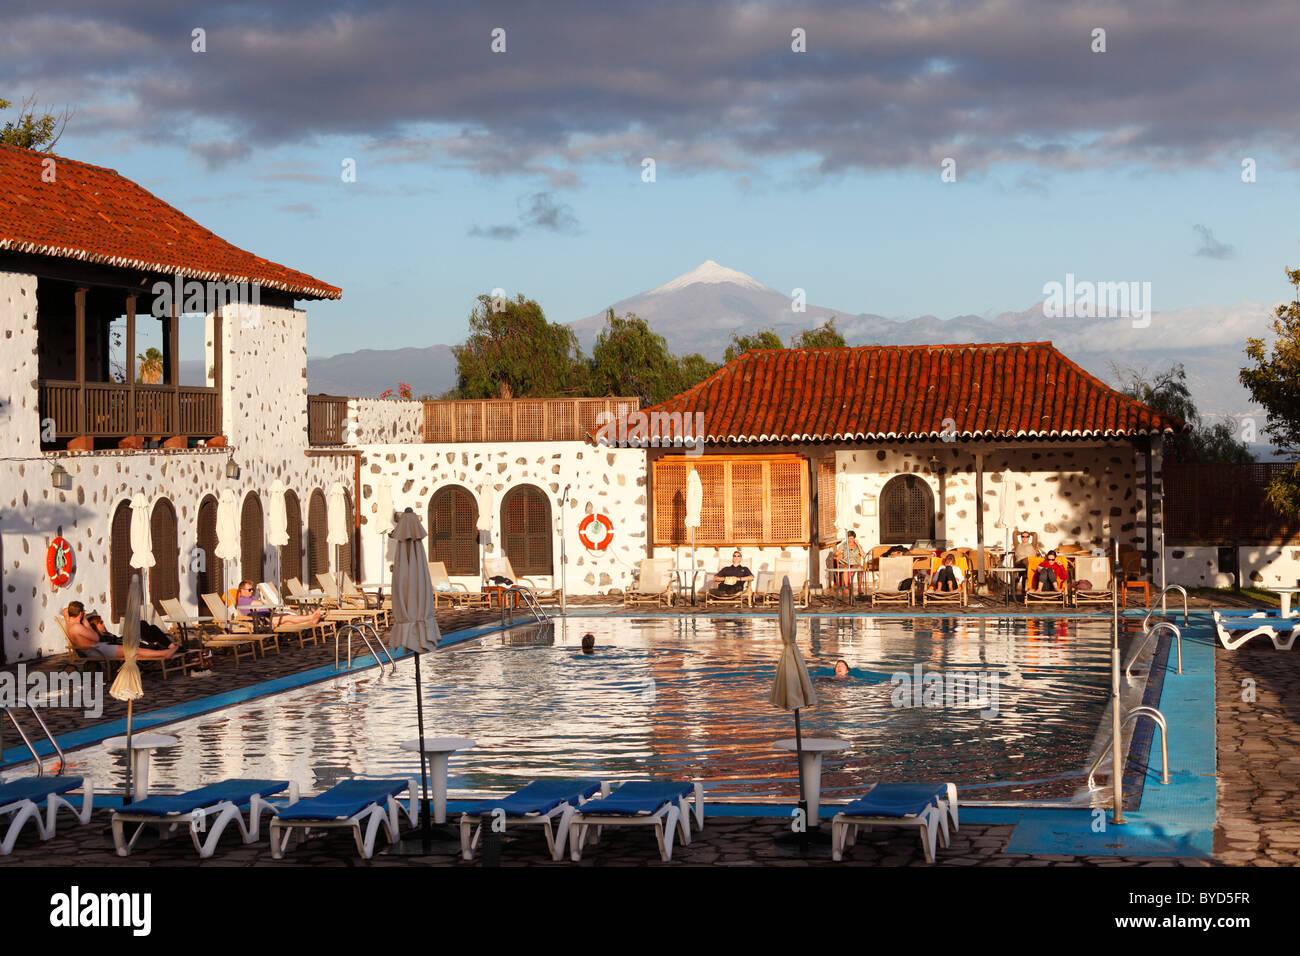 Swimming pool, Hotel Parador de Turismo Conde de La Gomera, San Sebatián de La Gomera, Canary Islands, Spain, - Stock Image